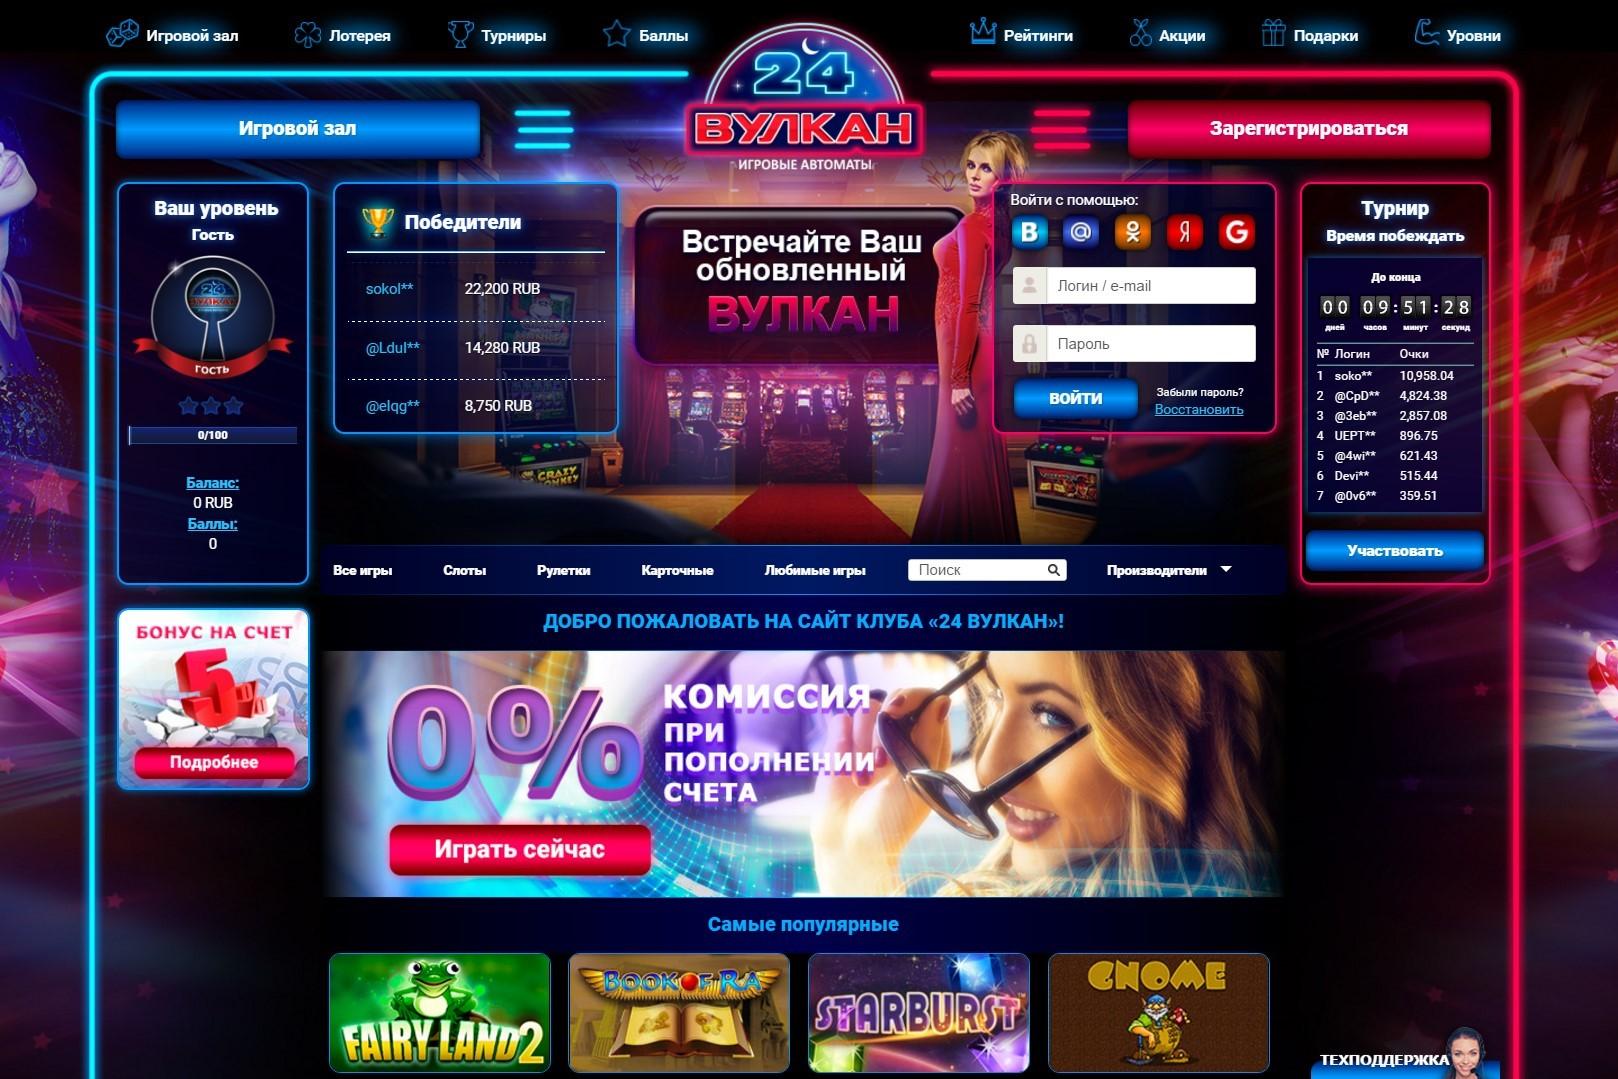 казино вулкан онлайн официальный сайт клуб